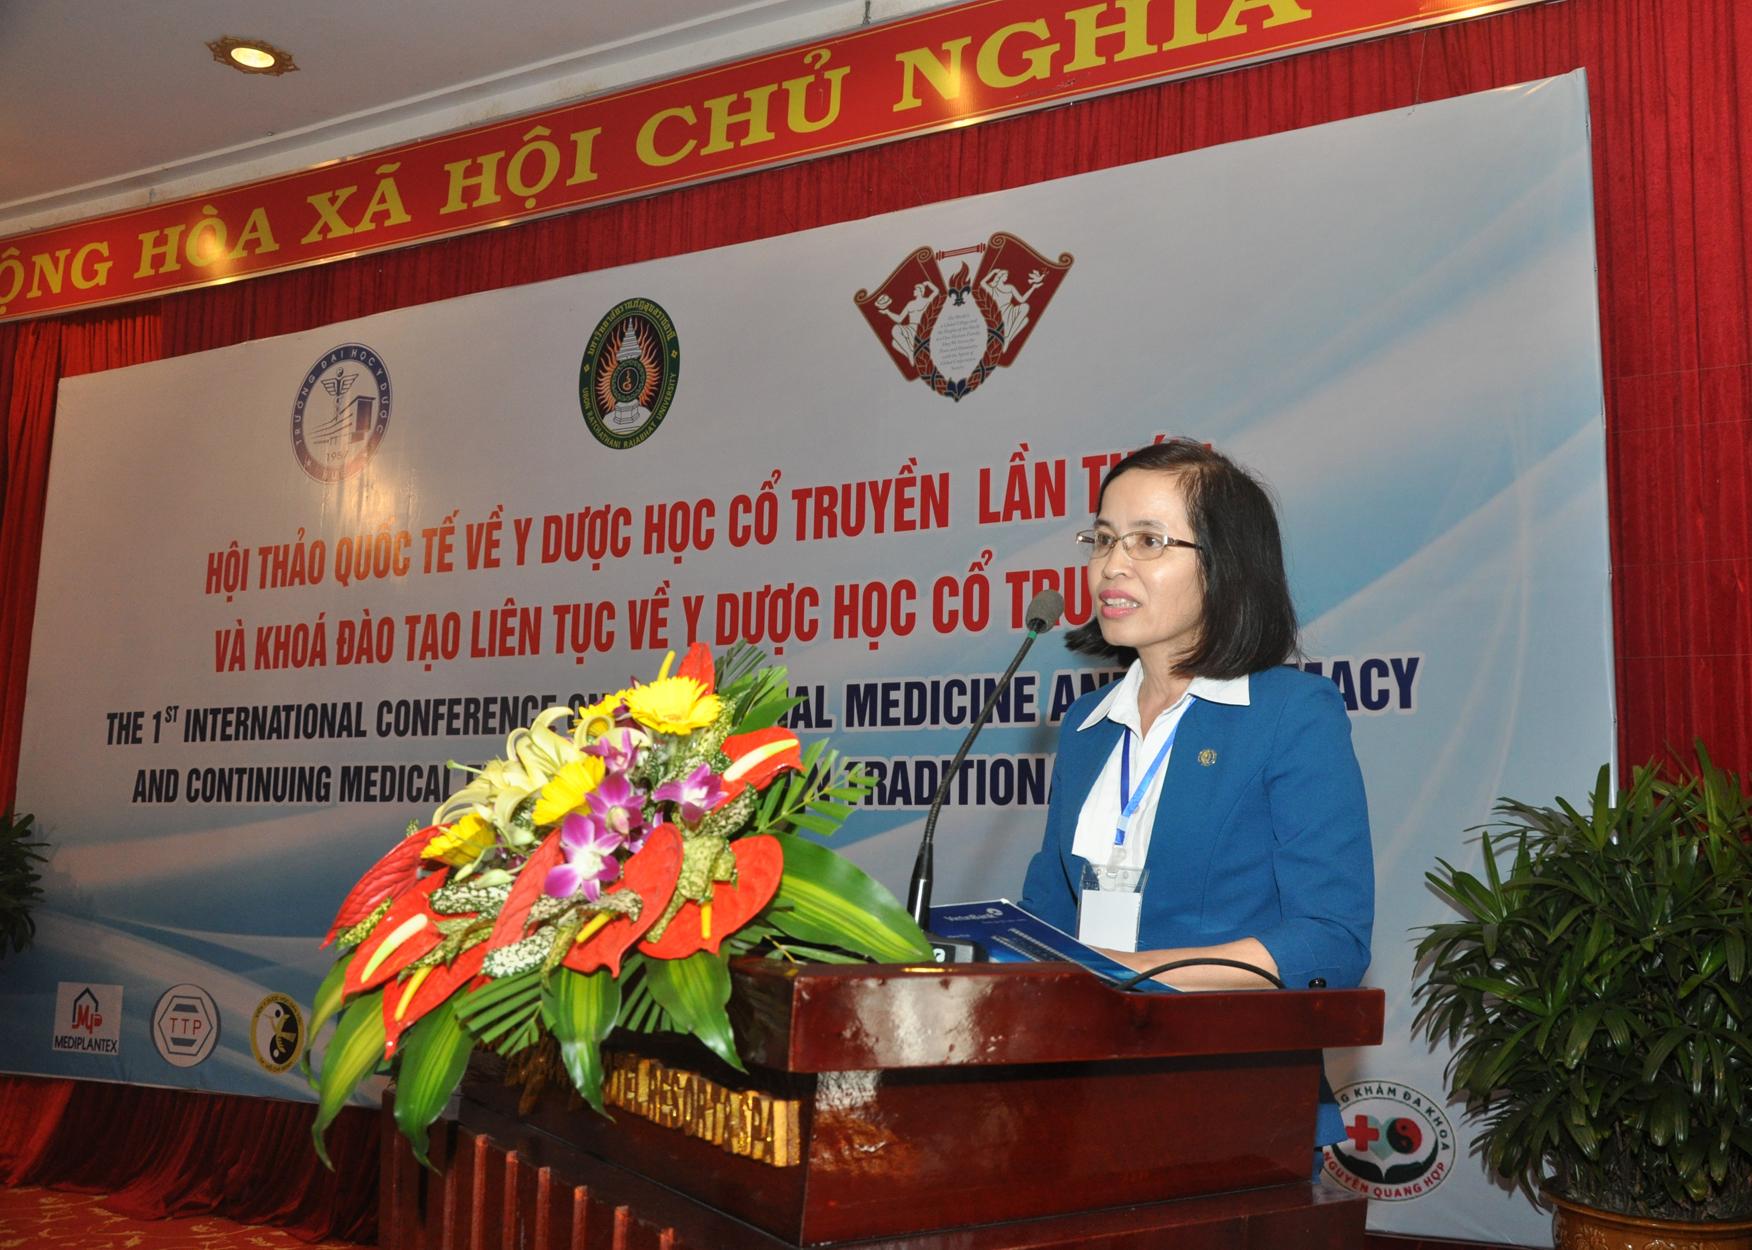 PGS. TS. Nguyễn Thị Tân, Trưởng Khoa Y học cổ truyền - Trường ĐH Y Dược Huế, phát biểu chào mừng tại Hội thảo